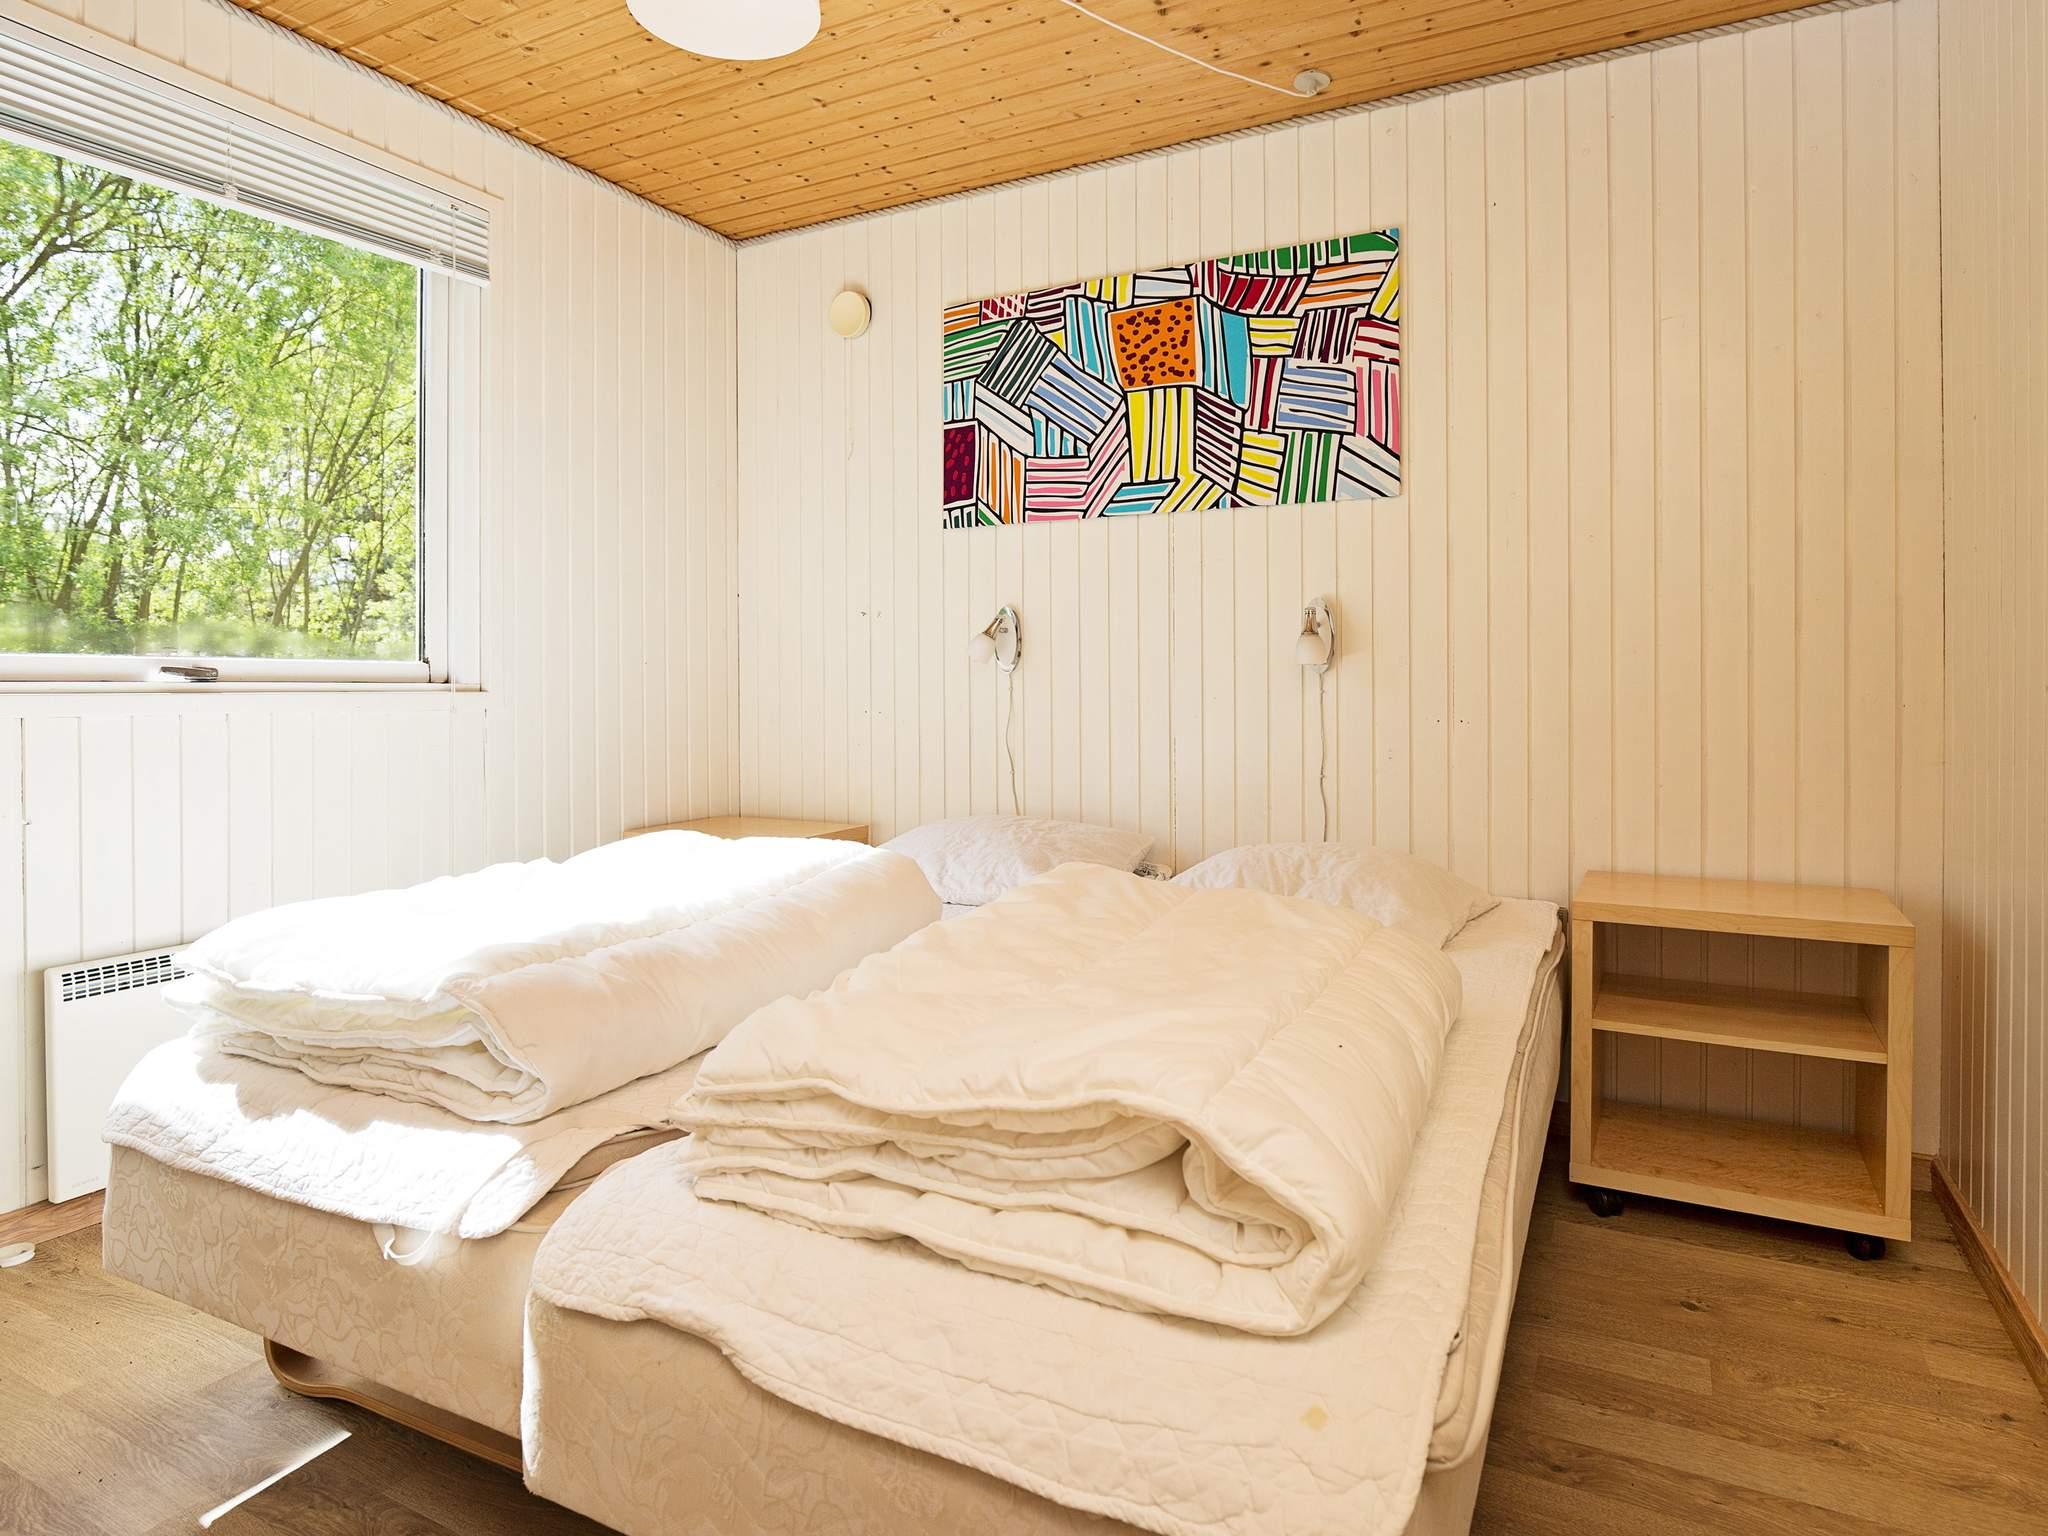 Ferienhaus Kramnitze (87285), Kramnitse, , Lolland, Dänemark, Bild 8